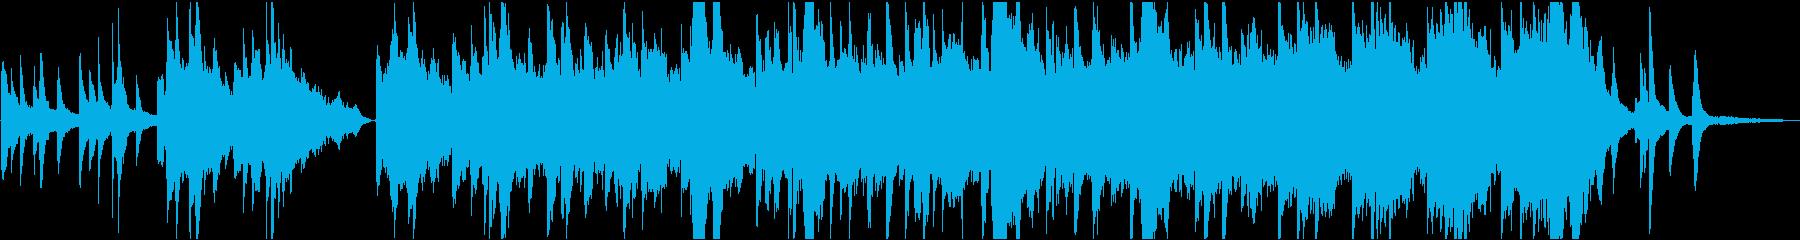 企業VP7 16bit48kHzVer.の再生済みの波形